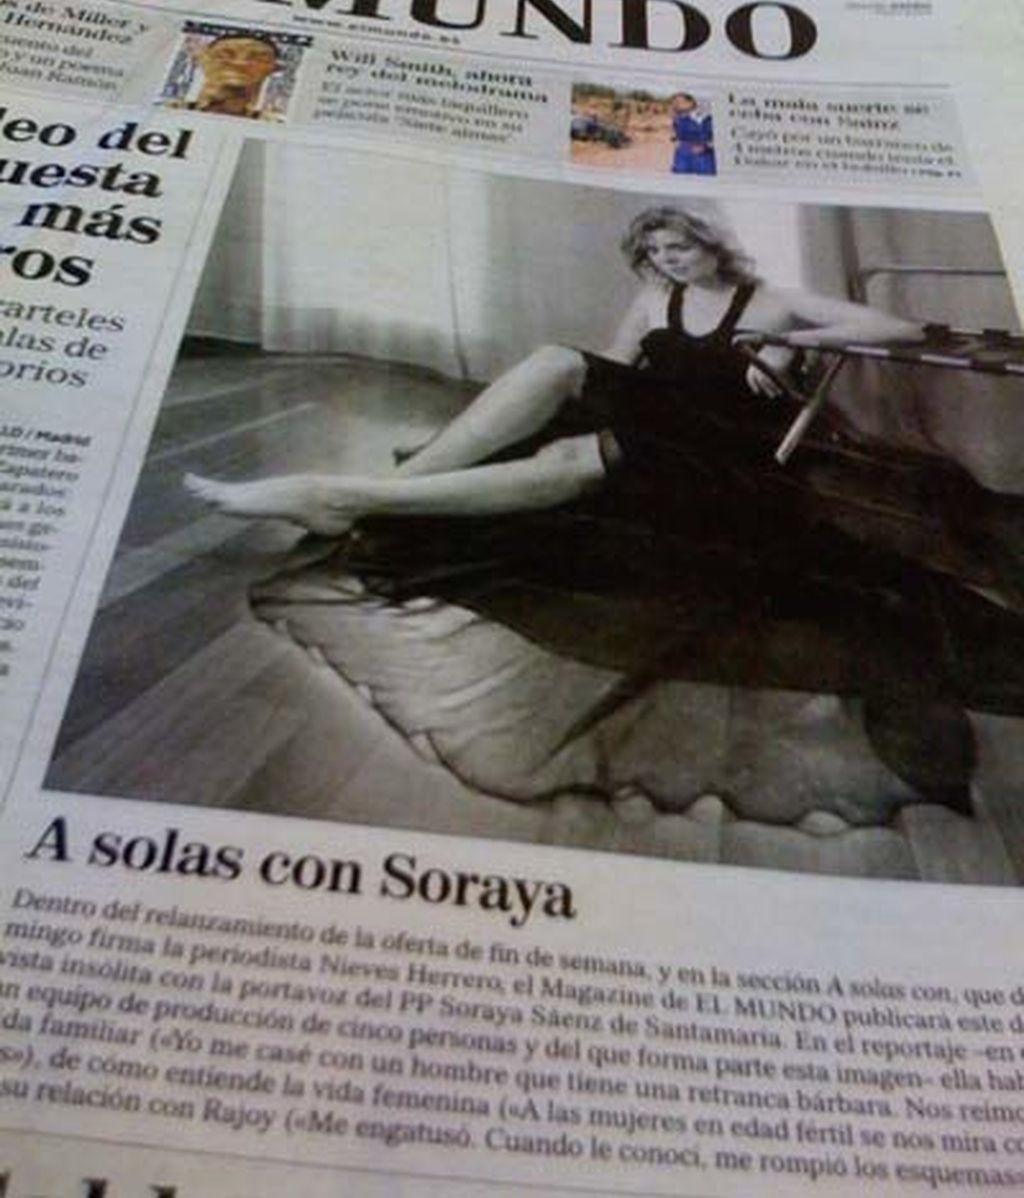 El posado de Soraya